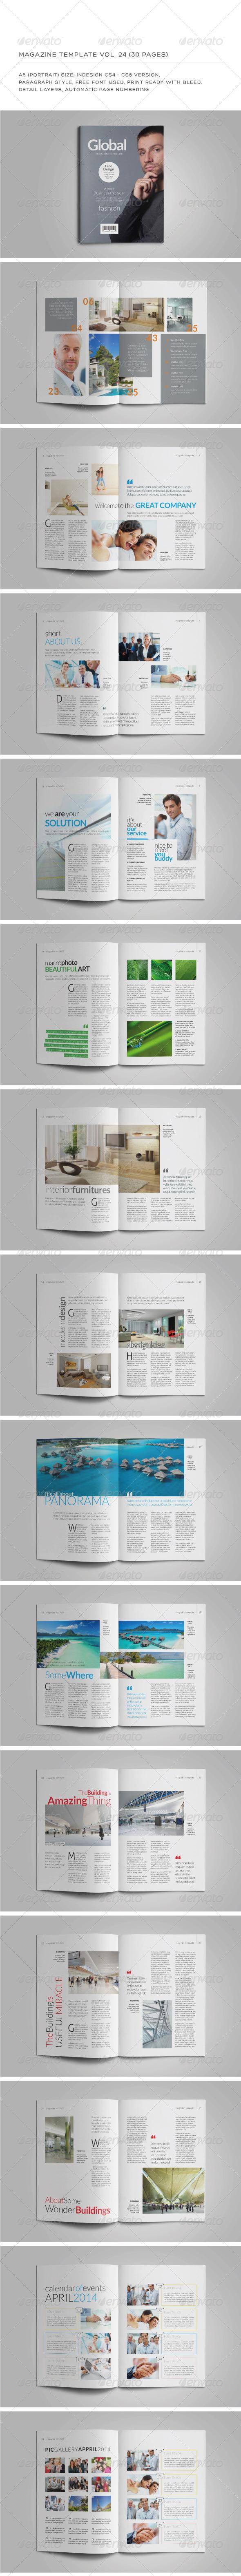 GraphicRiver A5 Portrait 30 Pages MGZ Vol 24 6061198